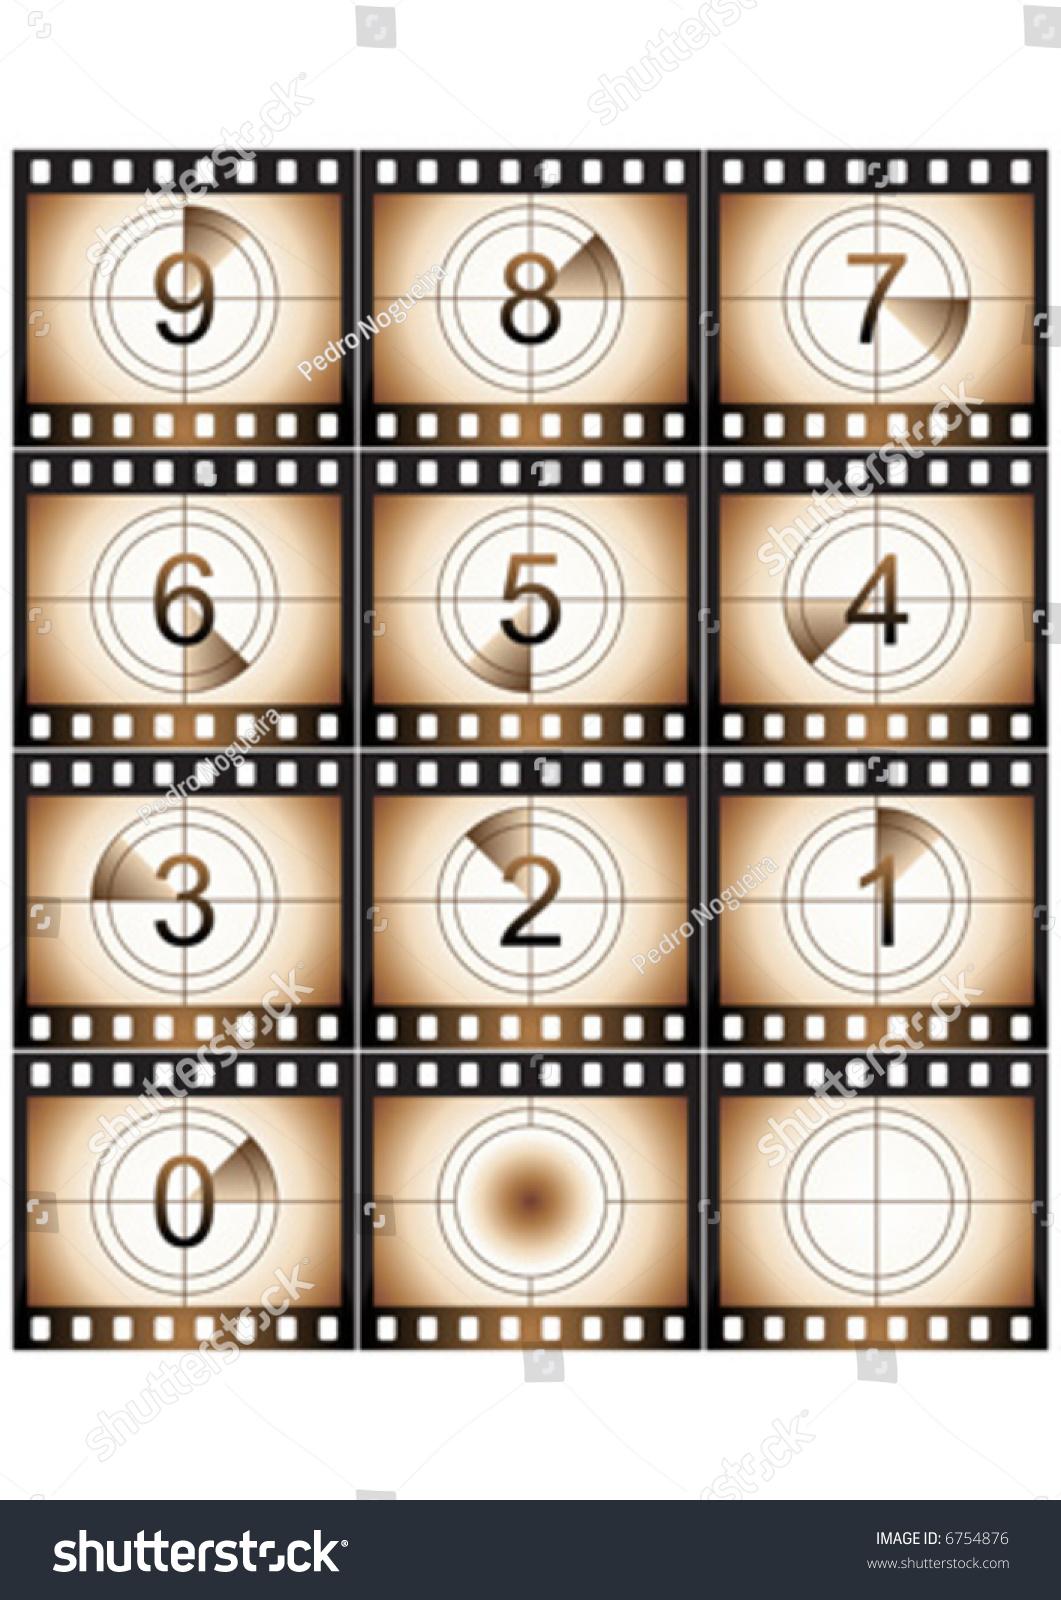 Film Countdown: Old Film Strip Countdown Grunge Look Stock Vector 6754876